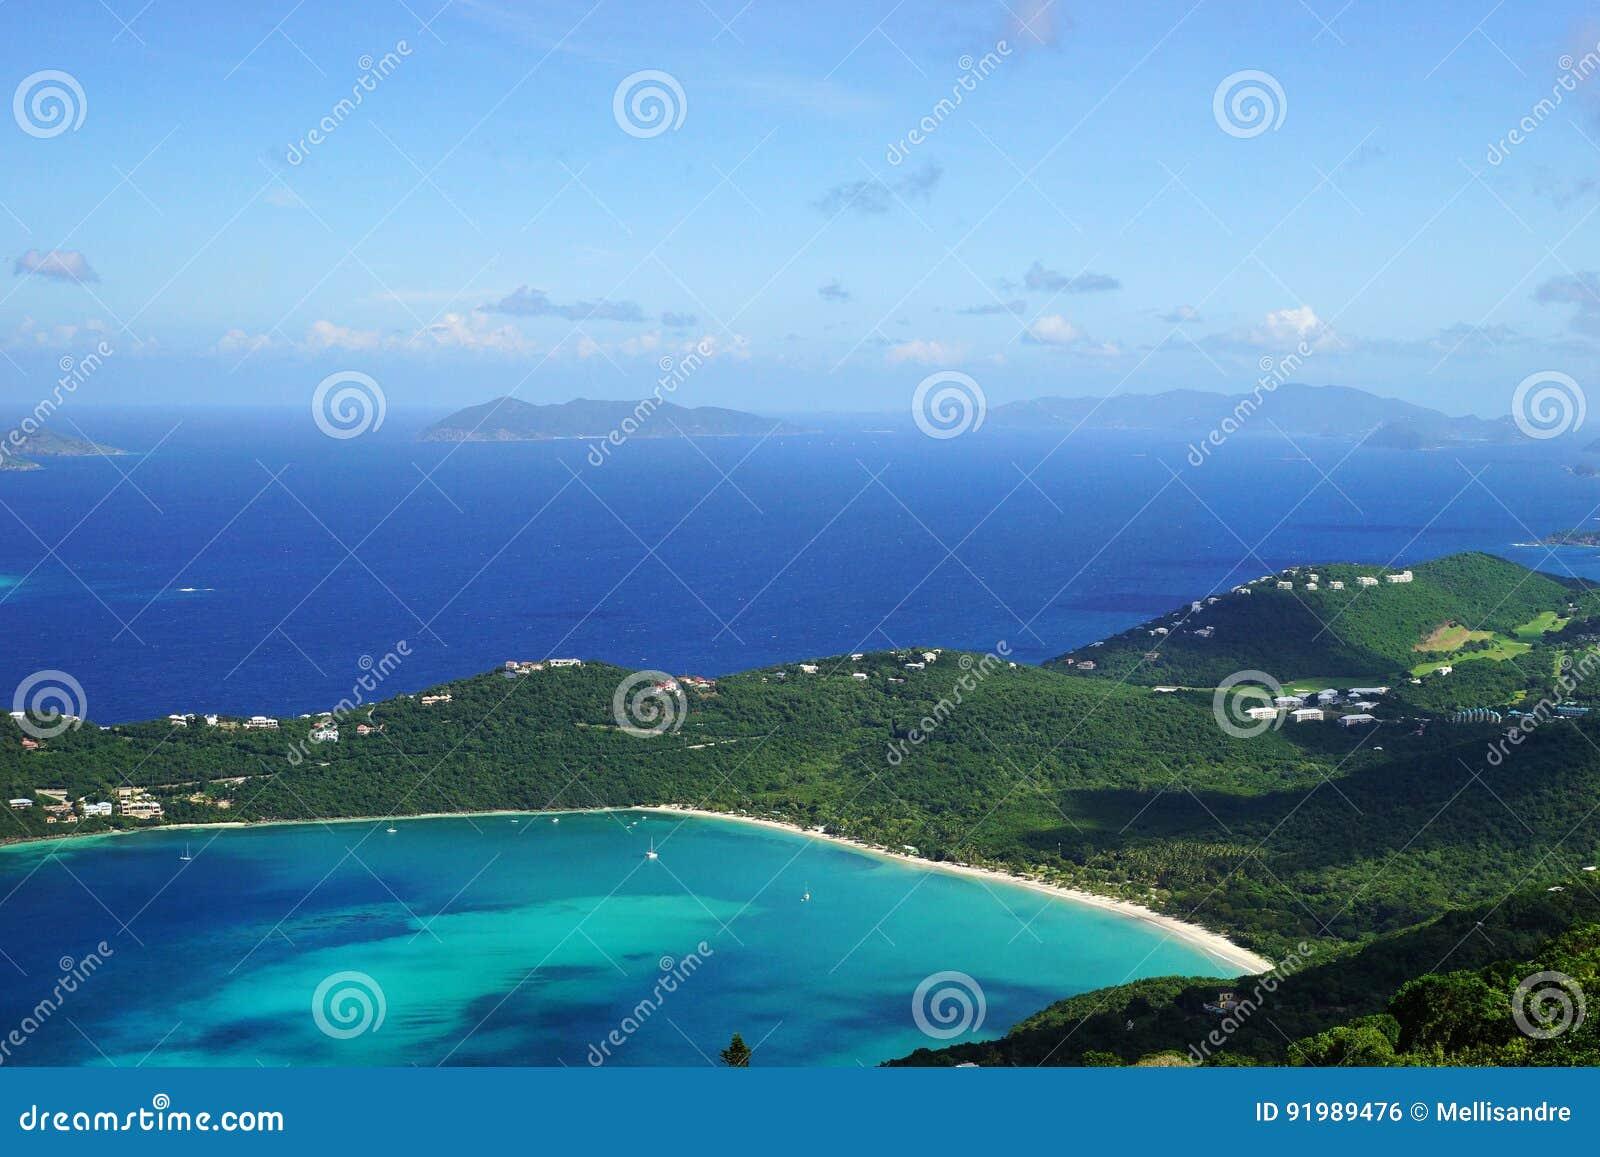 Una vista de la bahía de Magens con la isla de Jost Van Dyke BVI y de Tortola BVI en el fondo